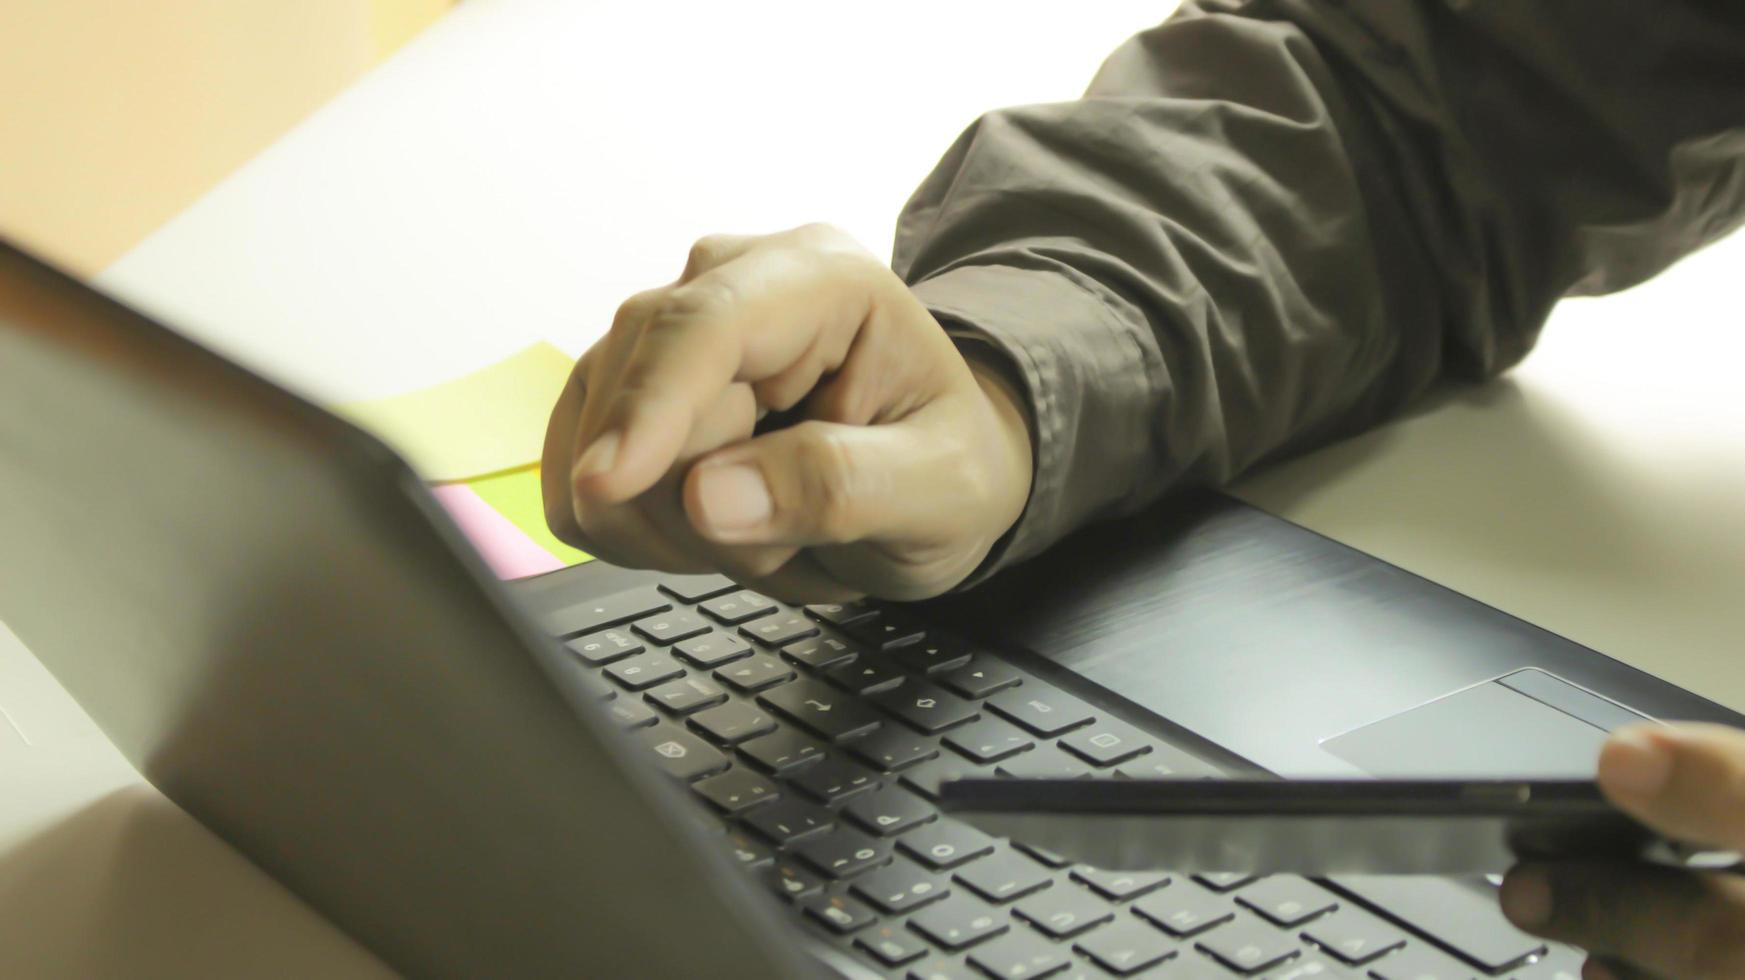 professionelles Einkaufen auf einem Laptop foto